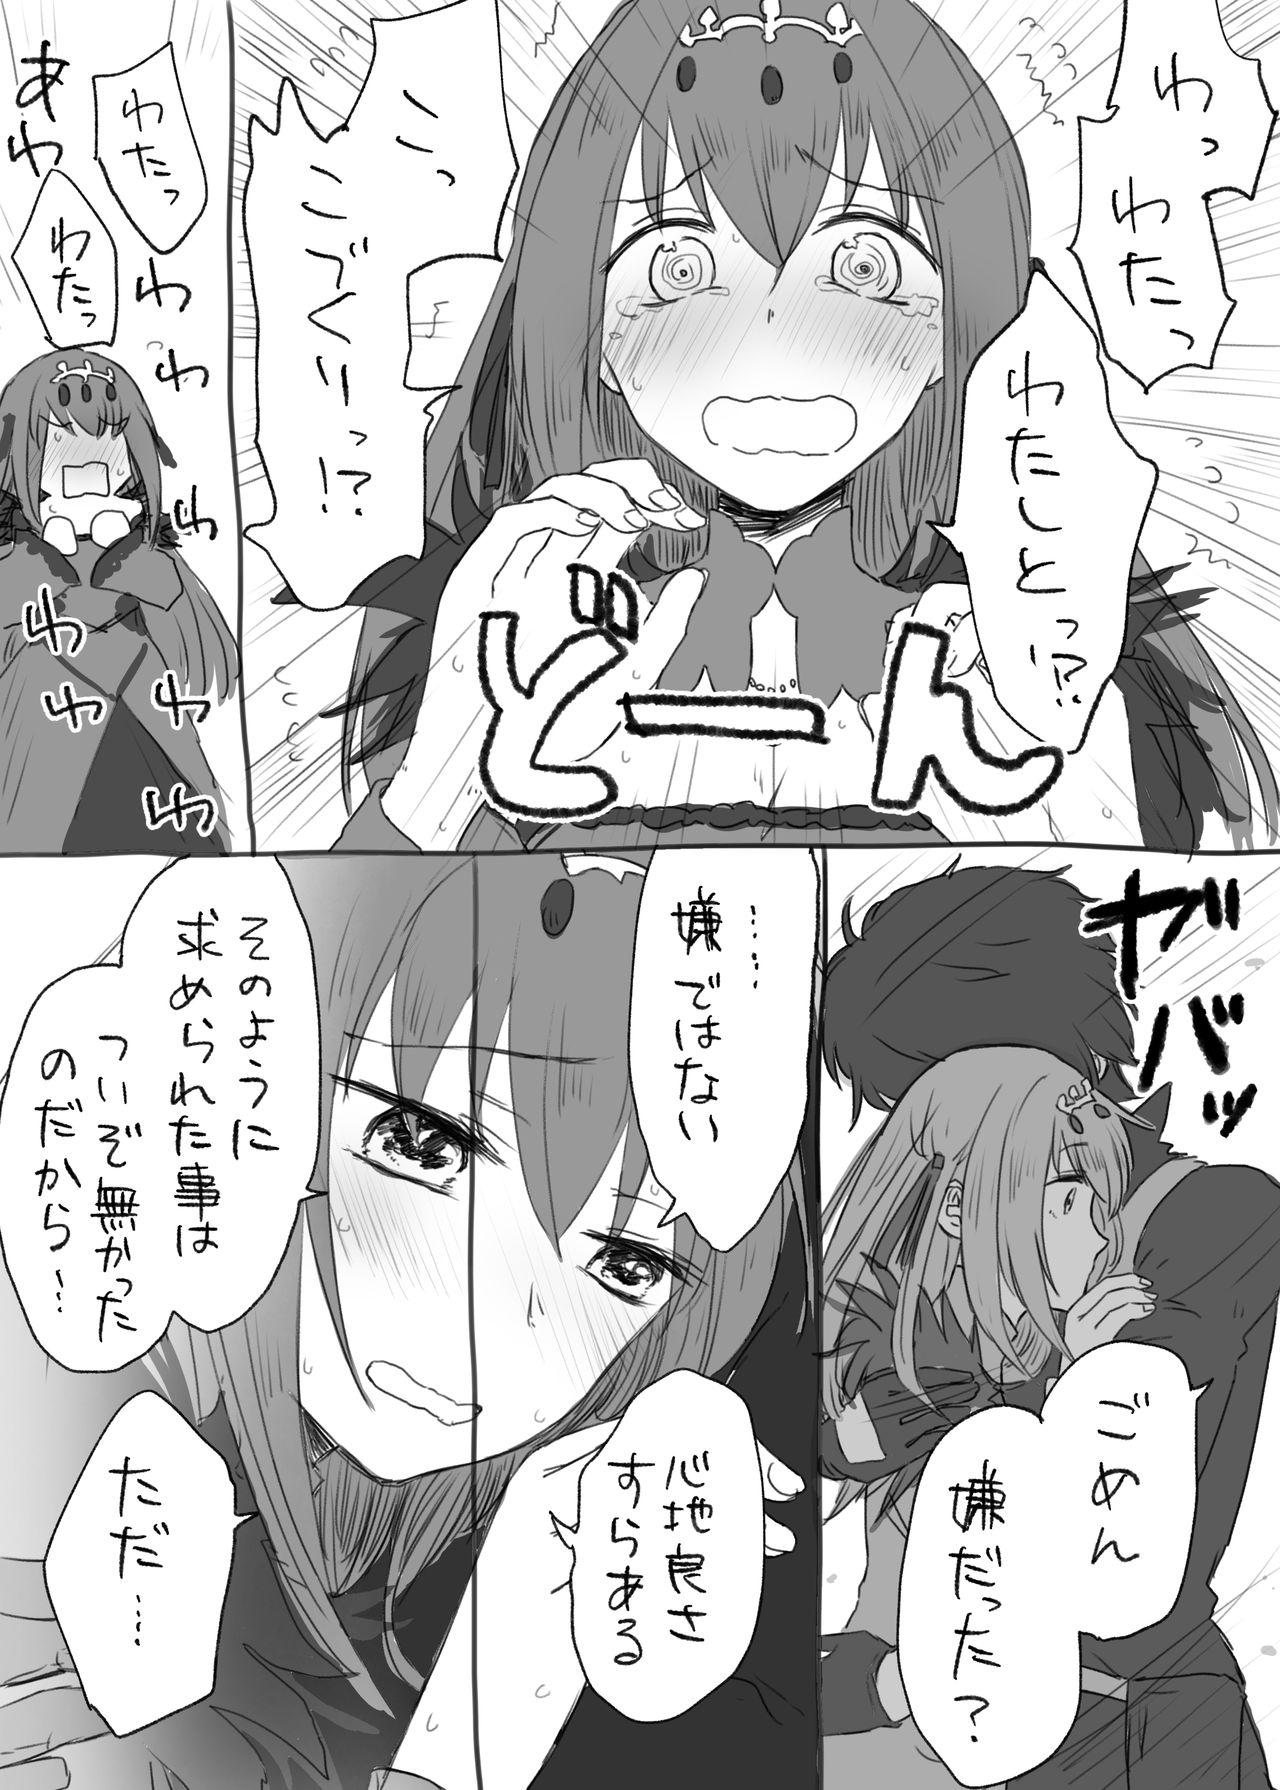 Uchi no Servant ni Haramasex shitaitte Itte mita 56